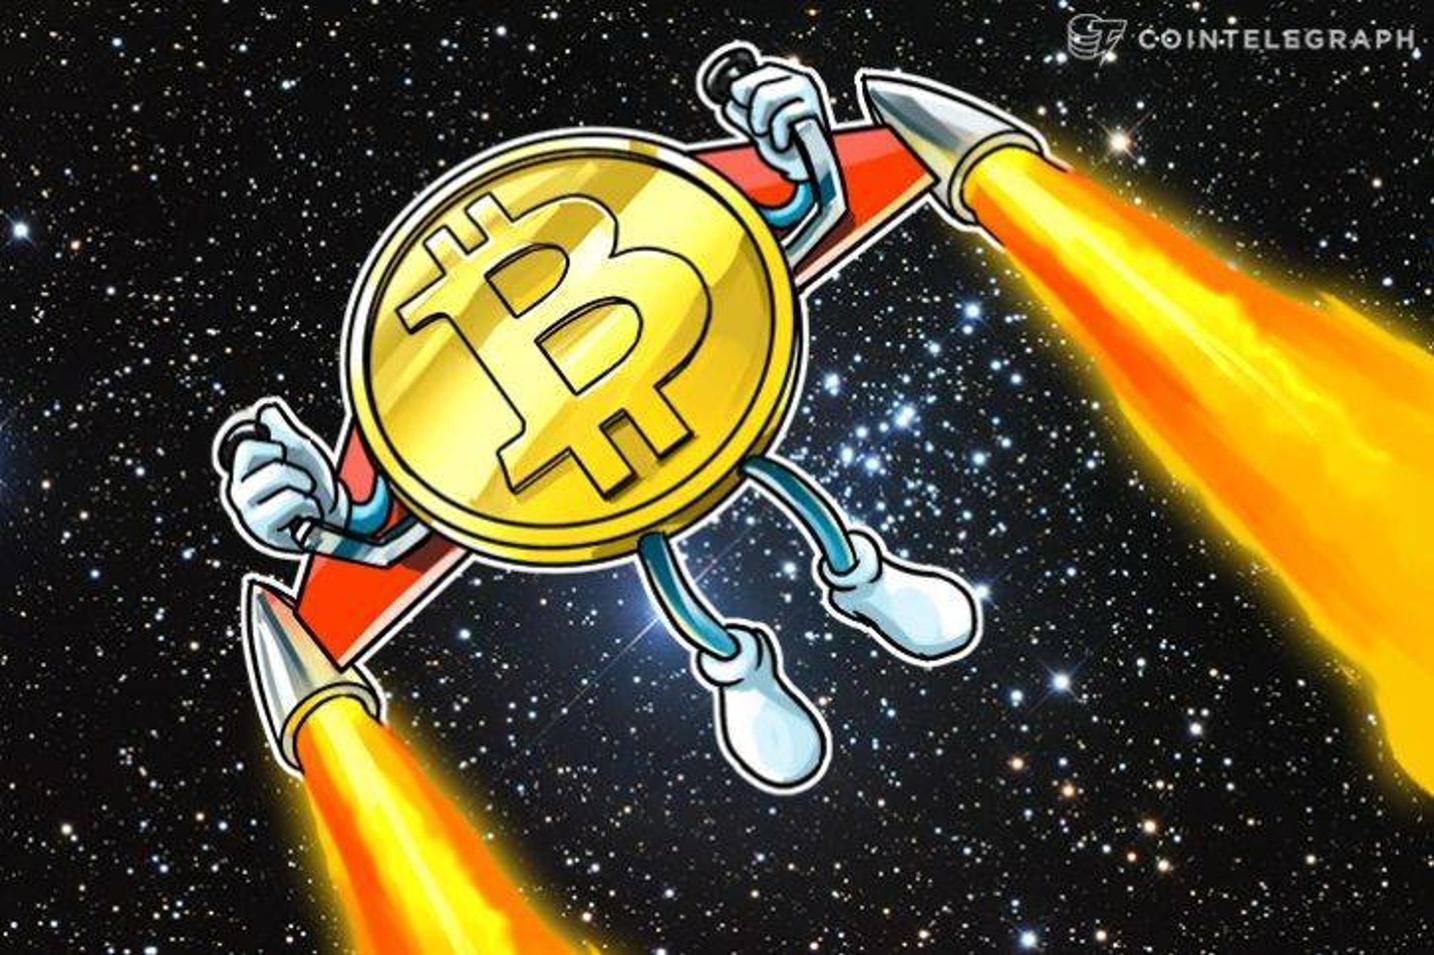 「強気トレンドは持続する」 16000ドル目前の仮想通貨ビットコイン、爆騰の要因は?